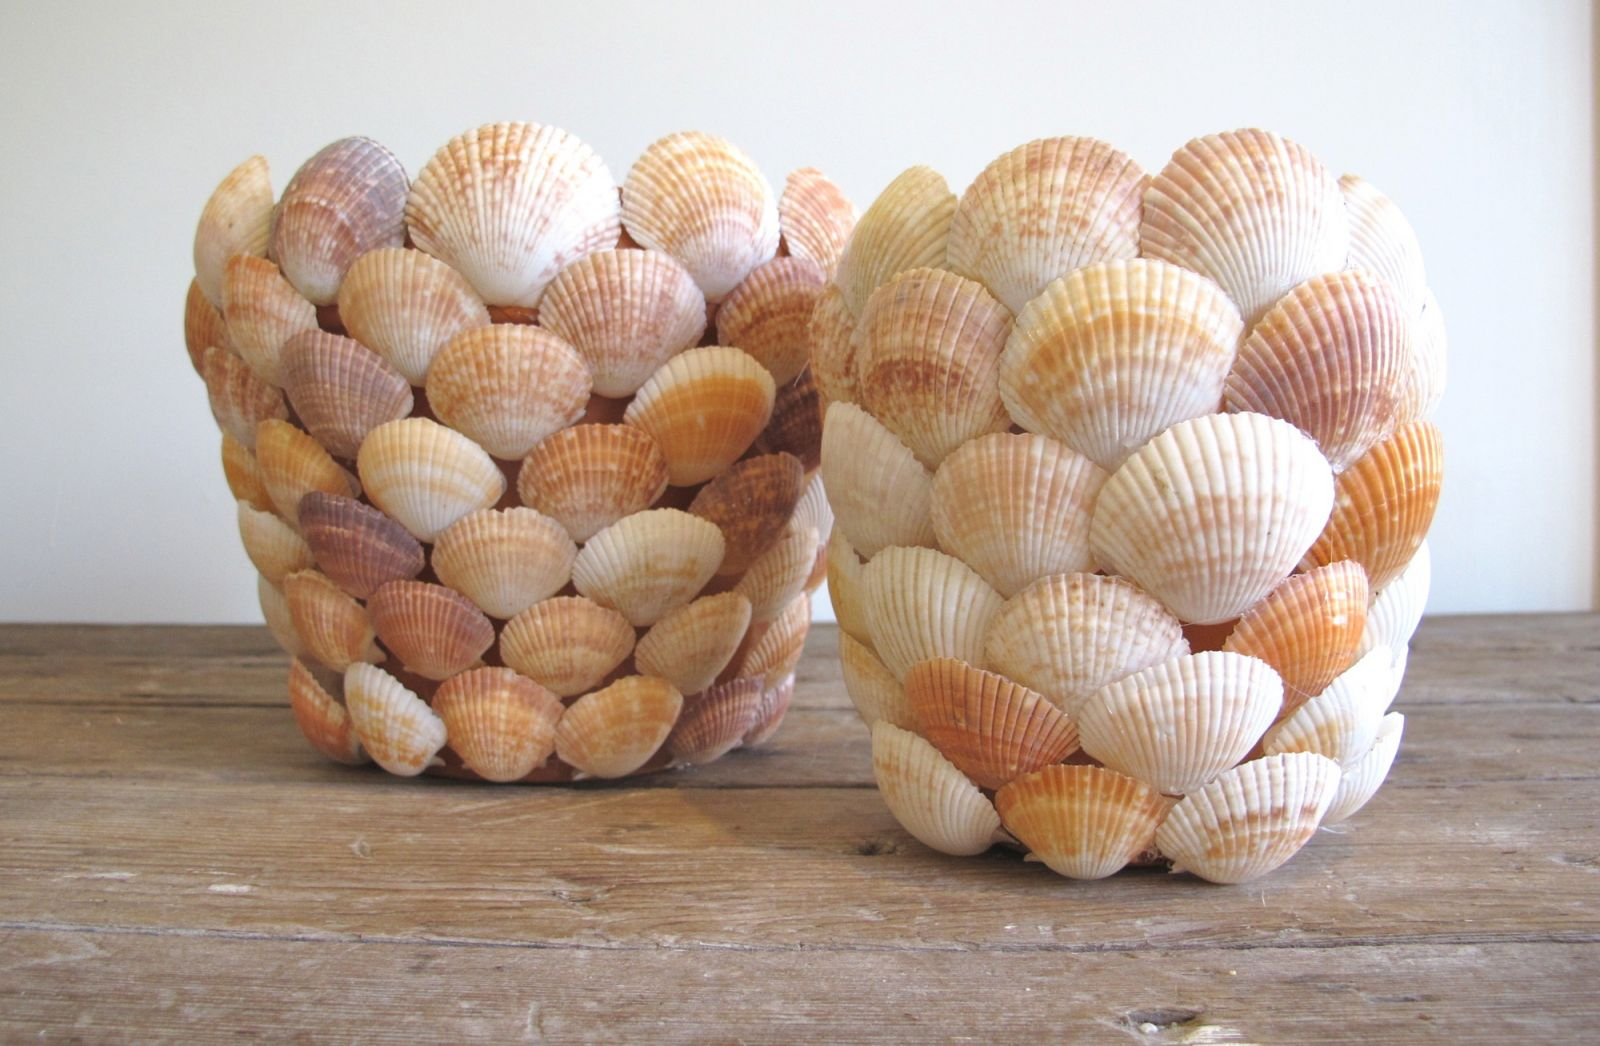 Jardinière de coquillages